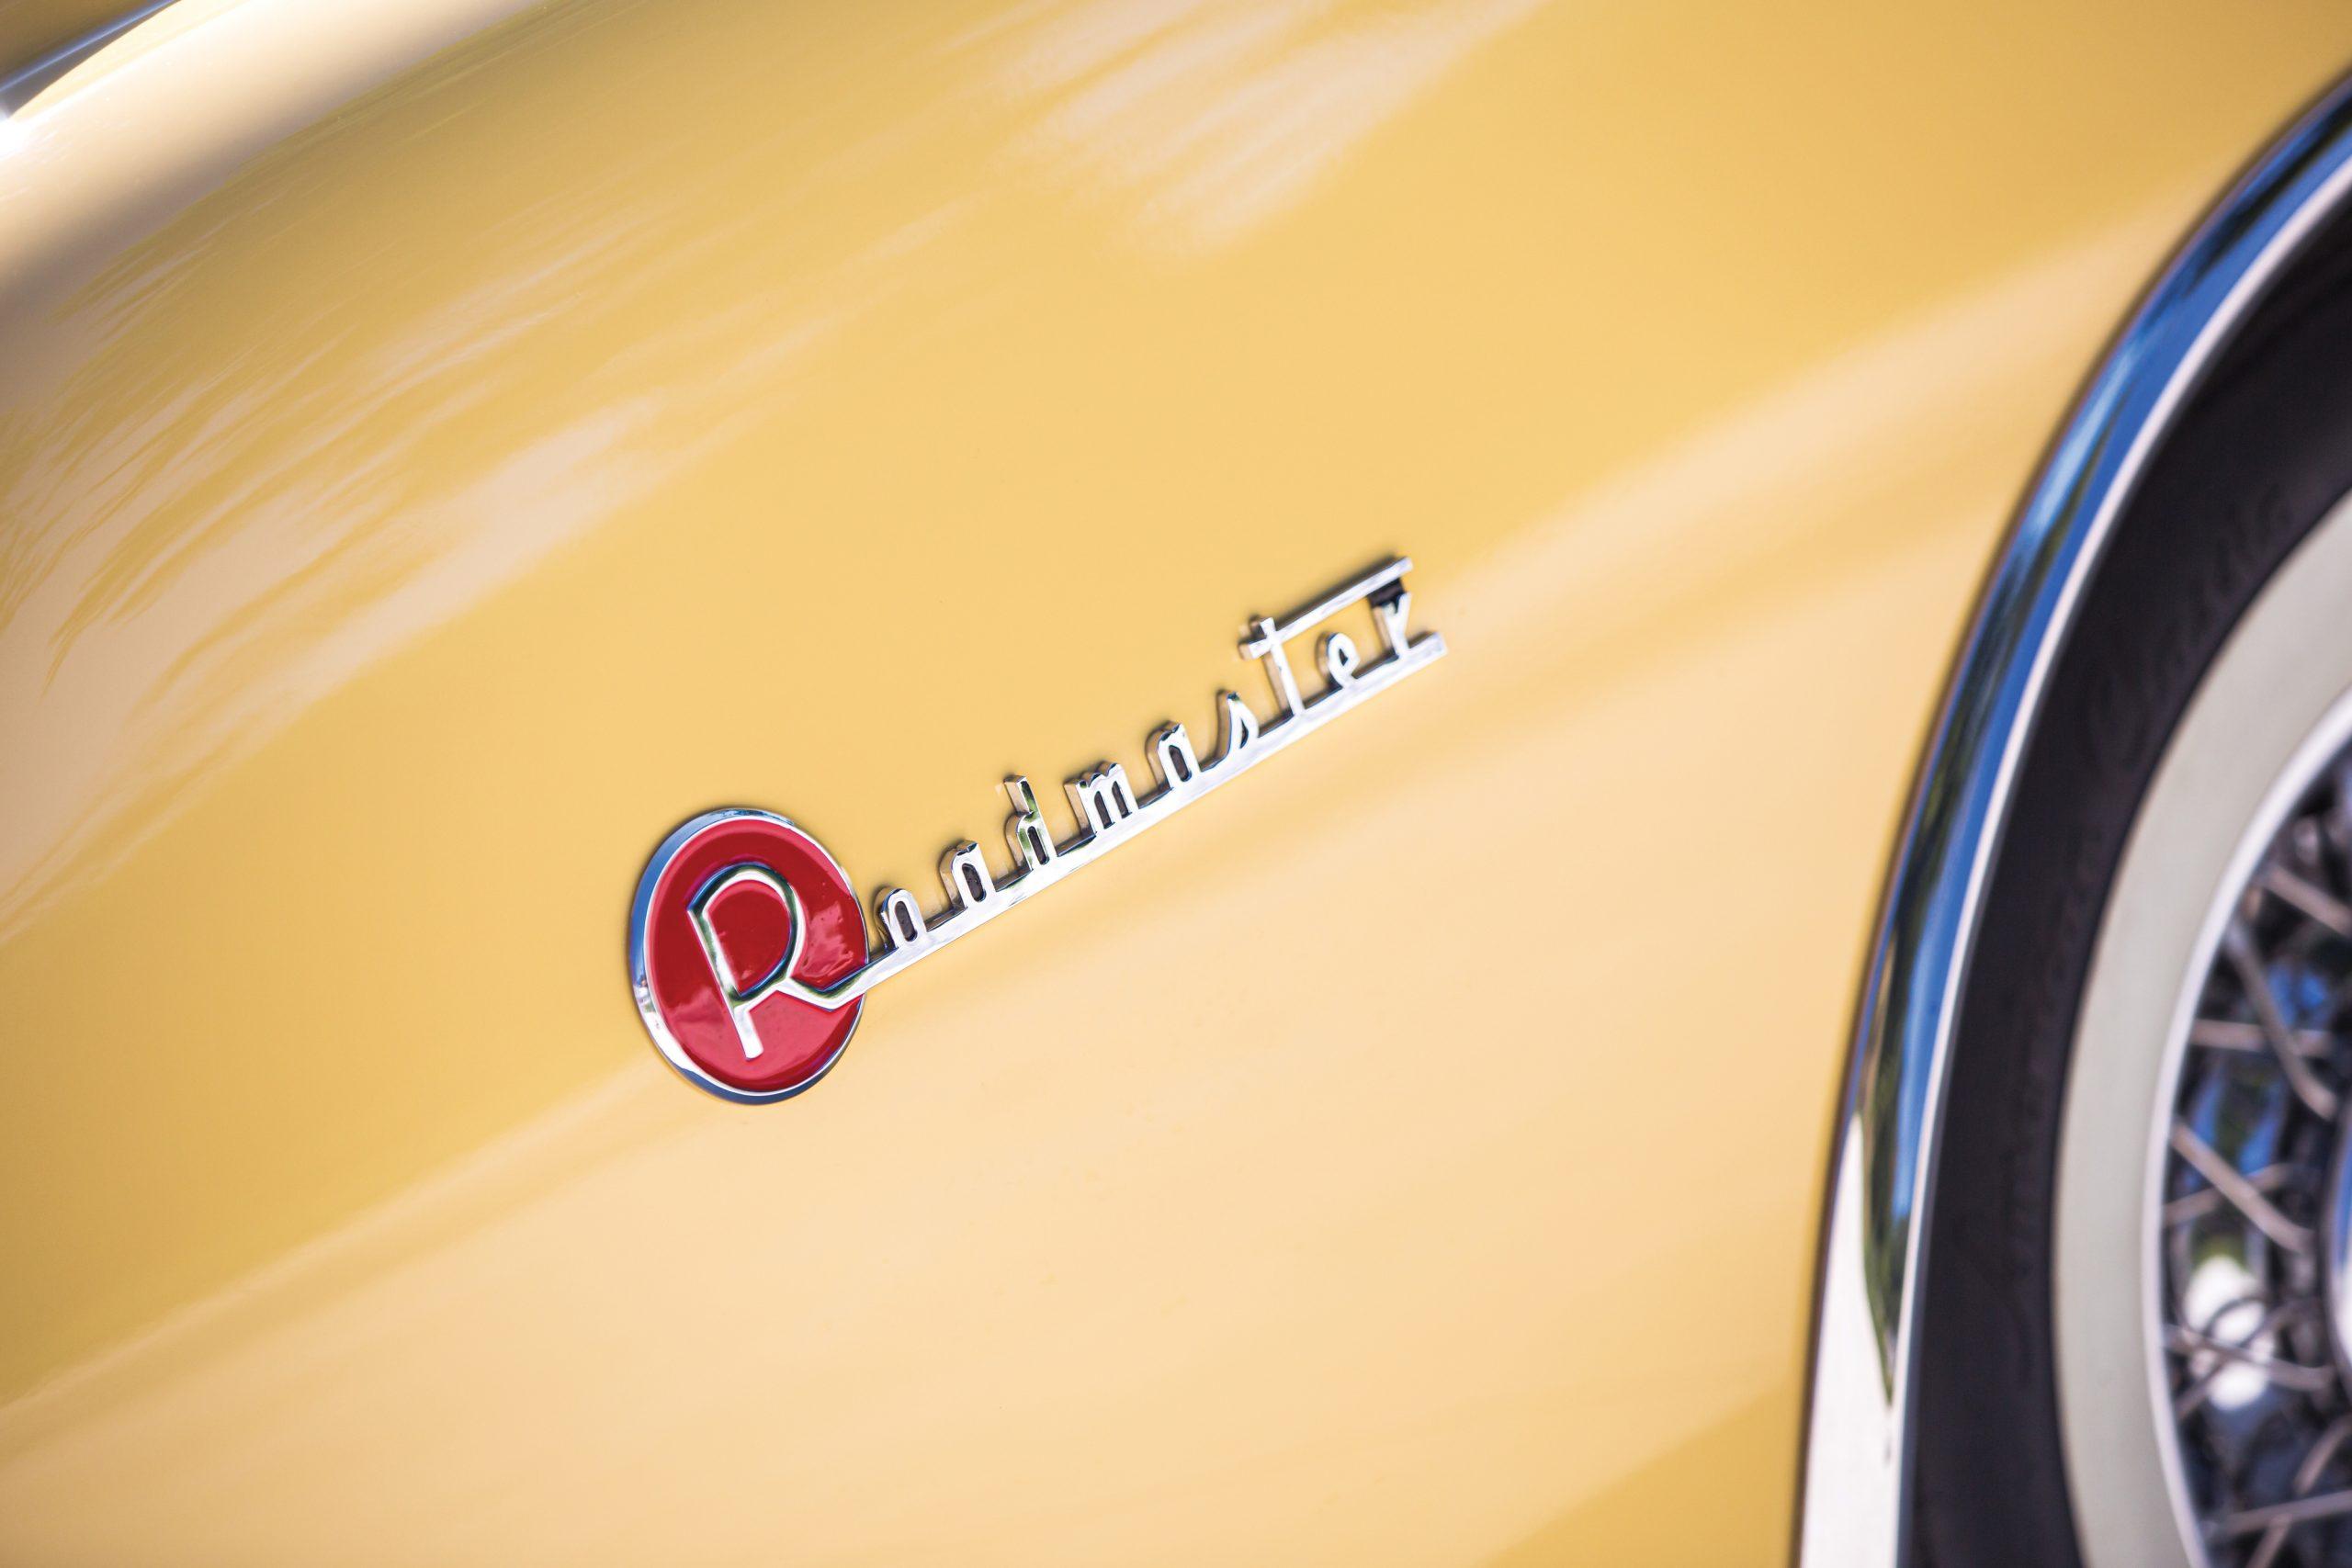 1954 Buick Roadmaster Convertible badge detail